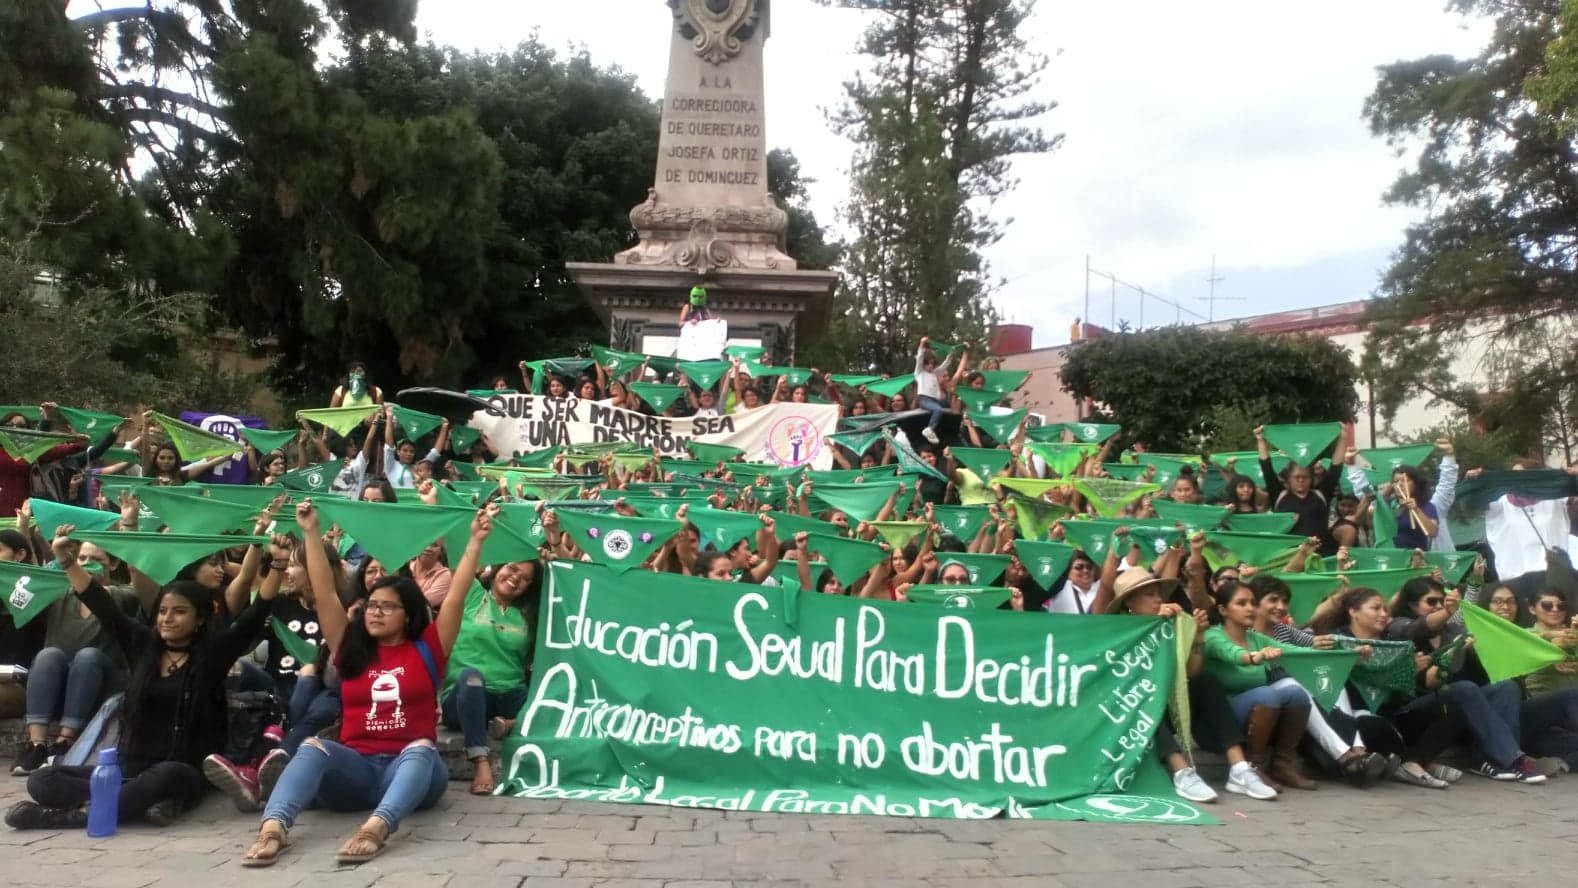 Con pañuelos verdes, colectivos apoyan proceso legislativo en Argentina a favor del aborto